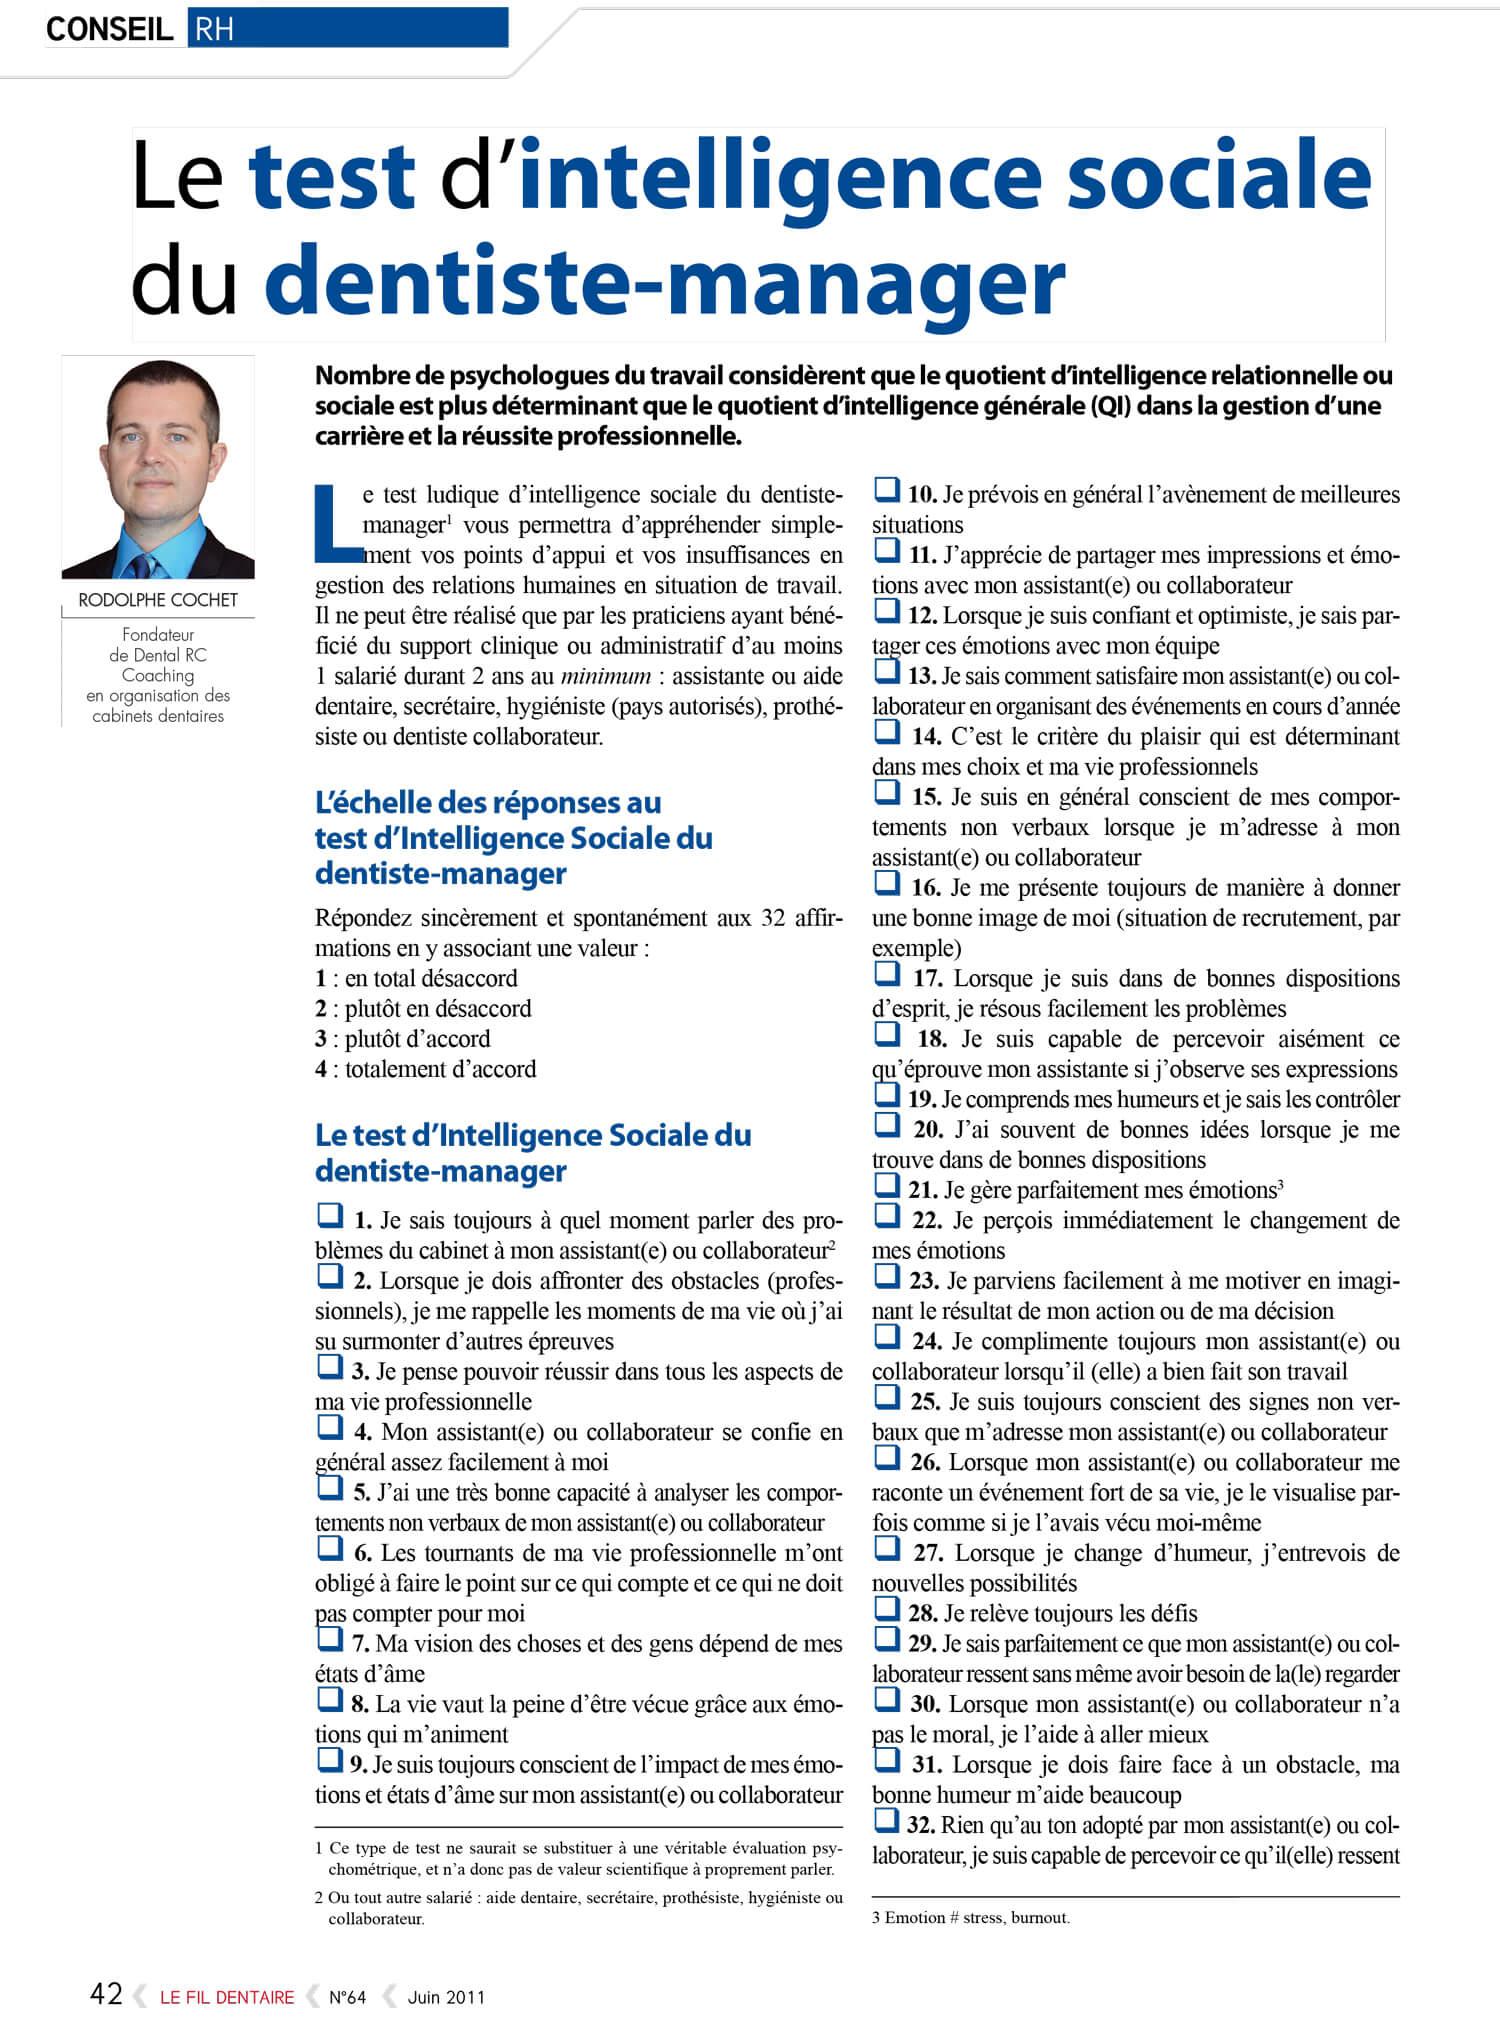 Test-intelligence-sociale-dentiste-manager-management-dentaire-Rodolphe-Cochet.jpg